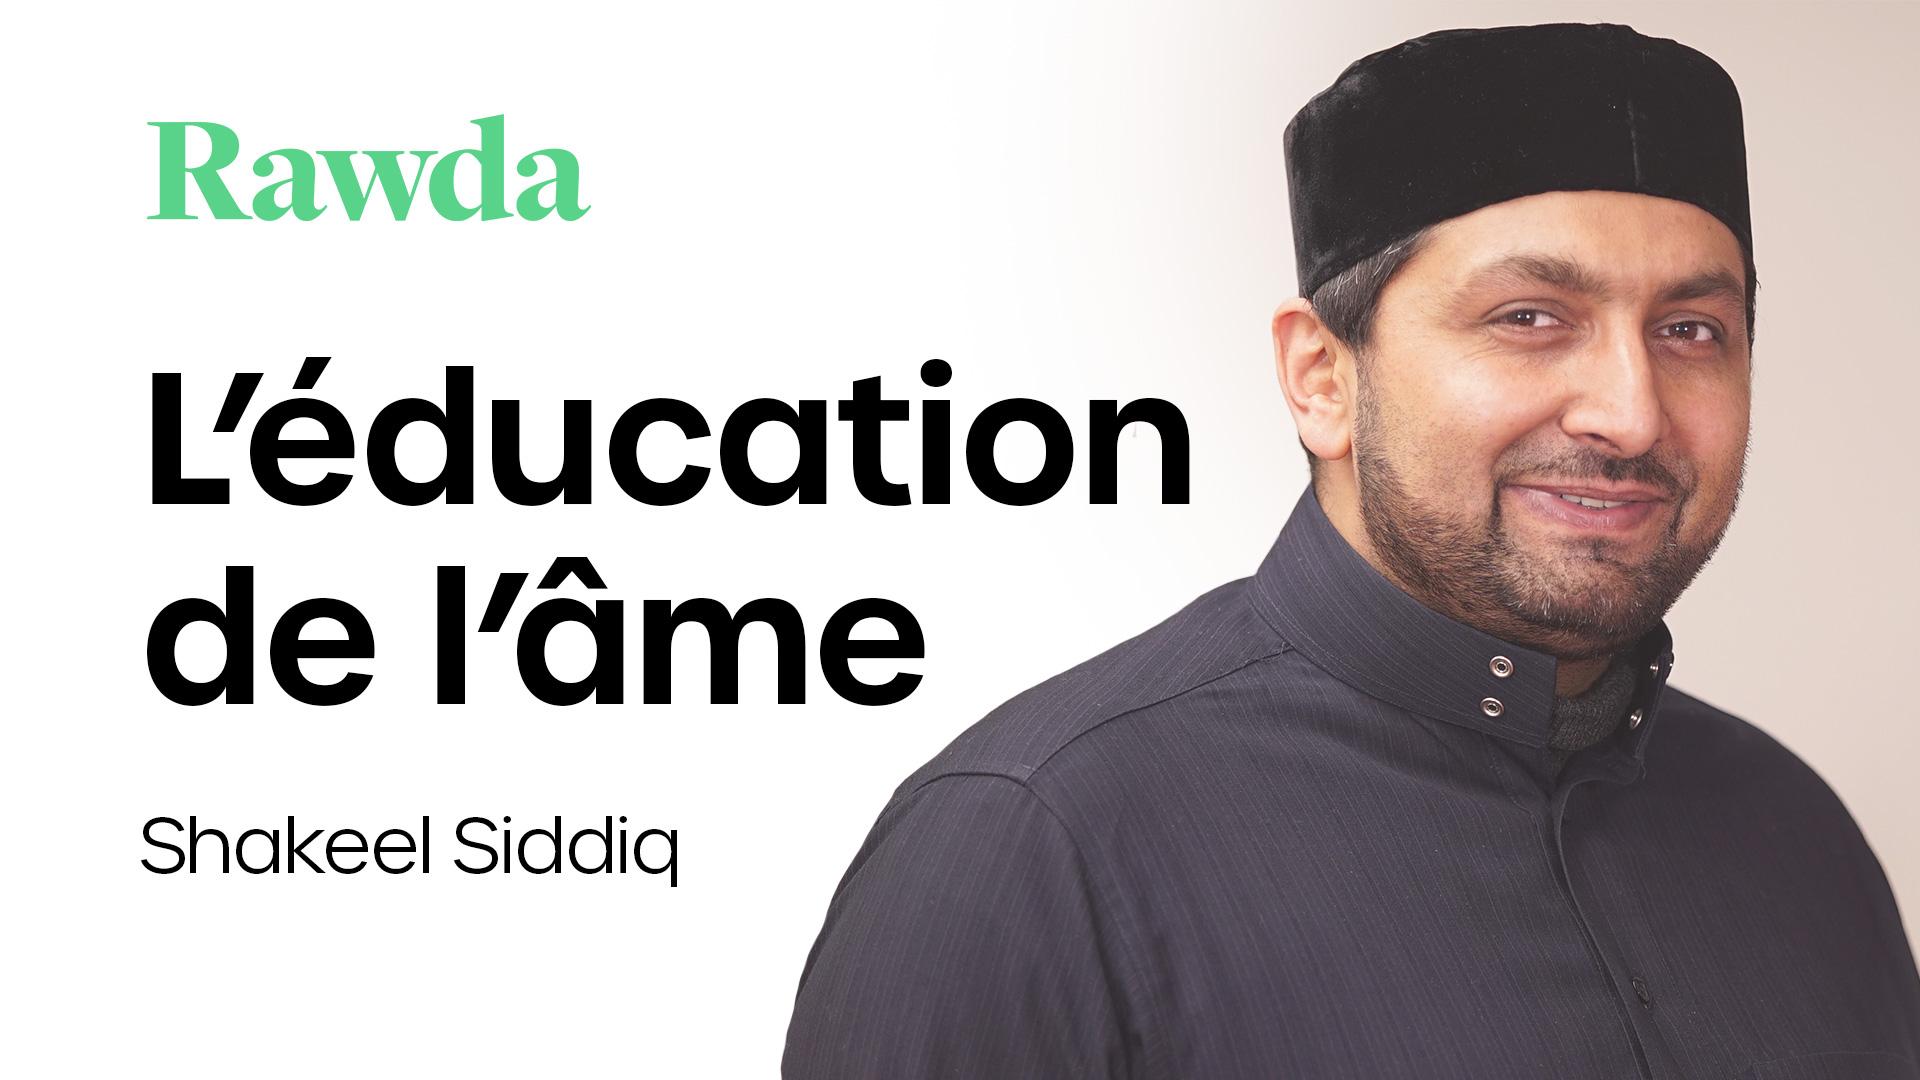 Miniature du cours : L'éducation de l'âme avec Shakeel Siddiq